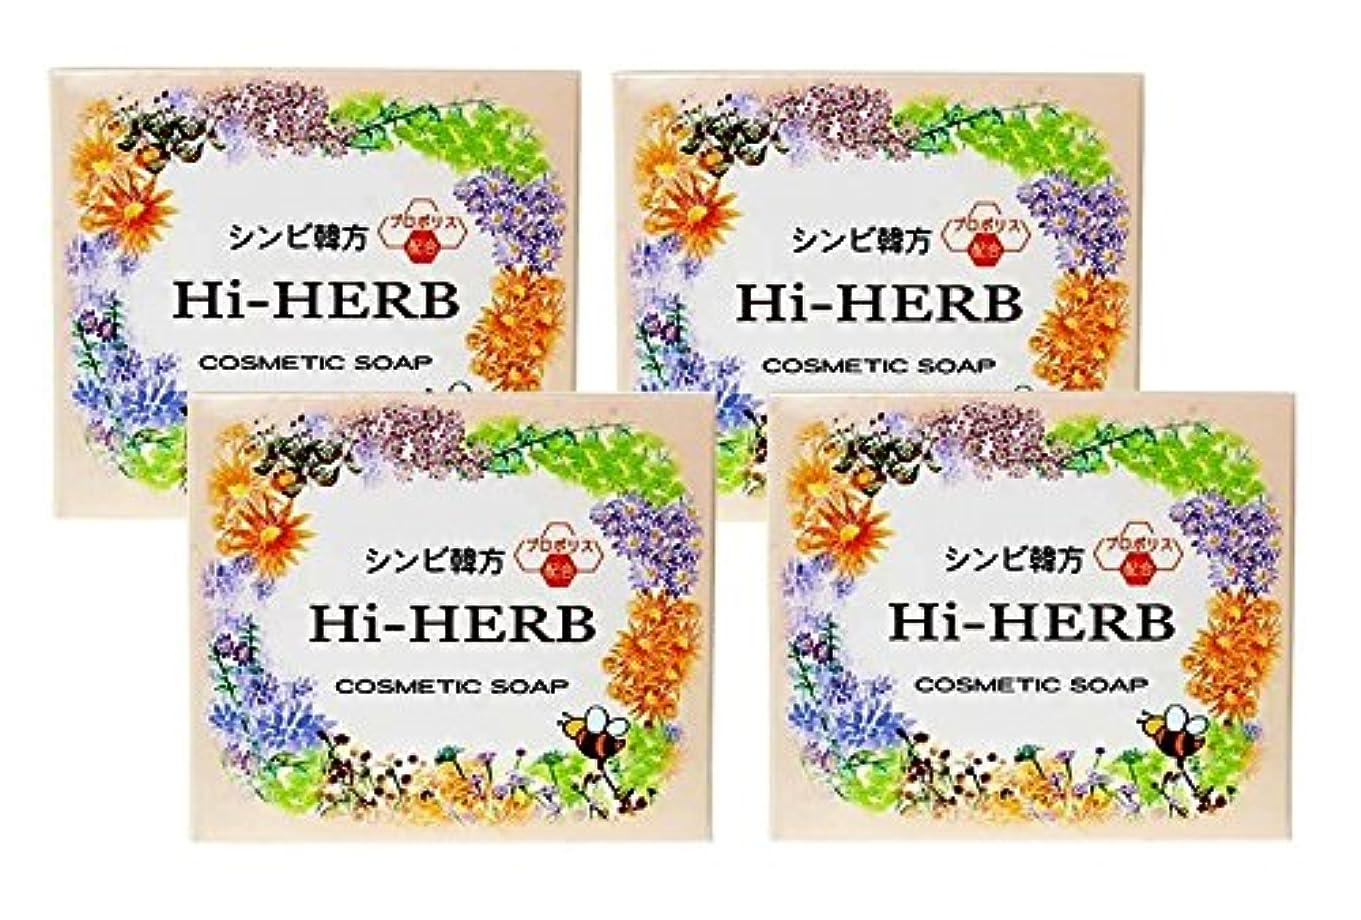 ぬれた咽頭フリッパー【シンビ】韓方ハイハーブ石鹸 100g×4個セット